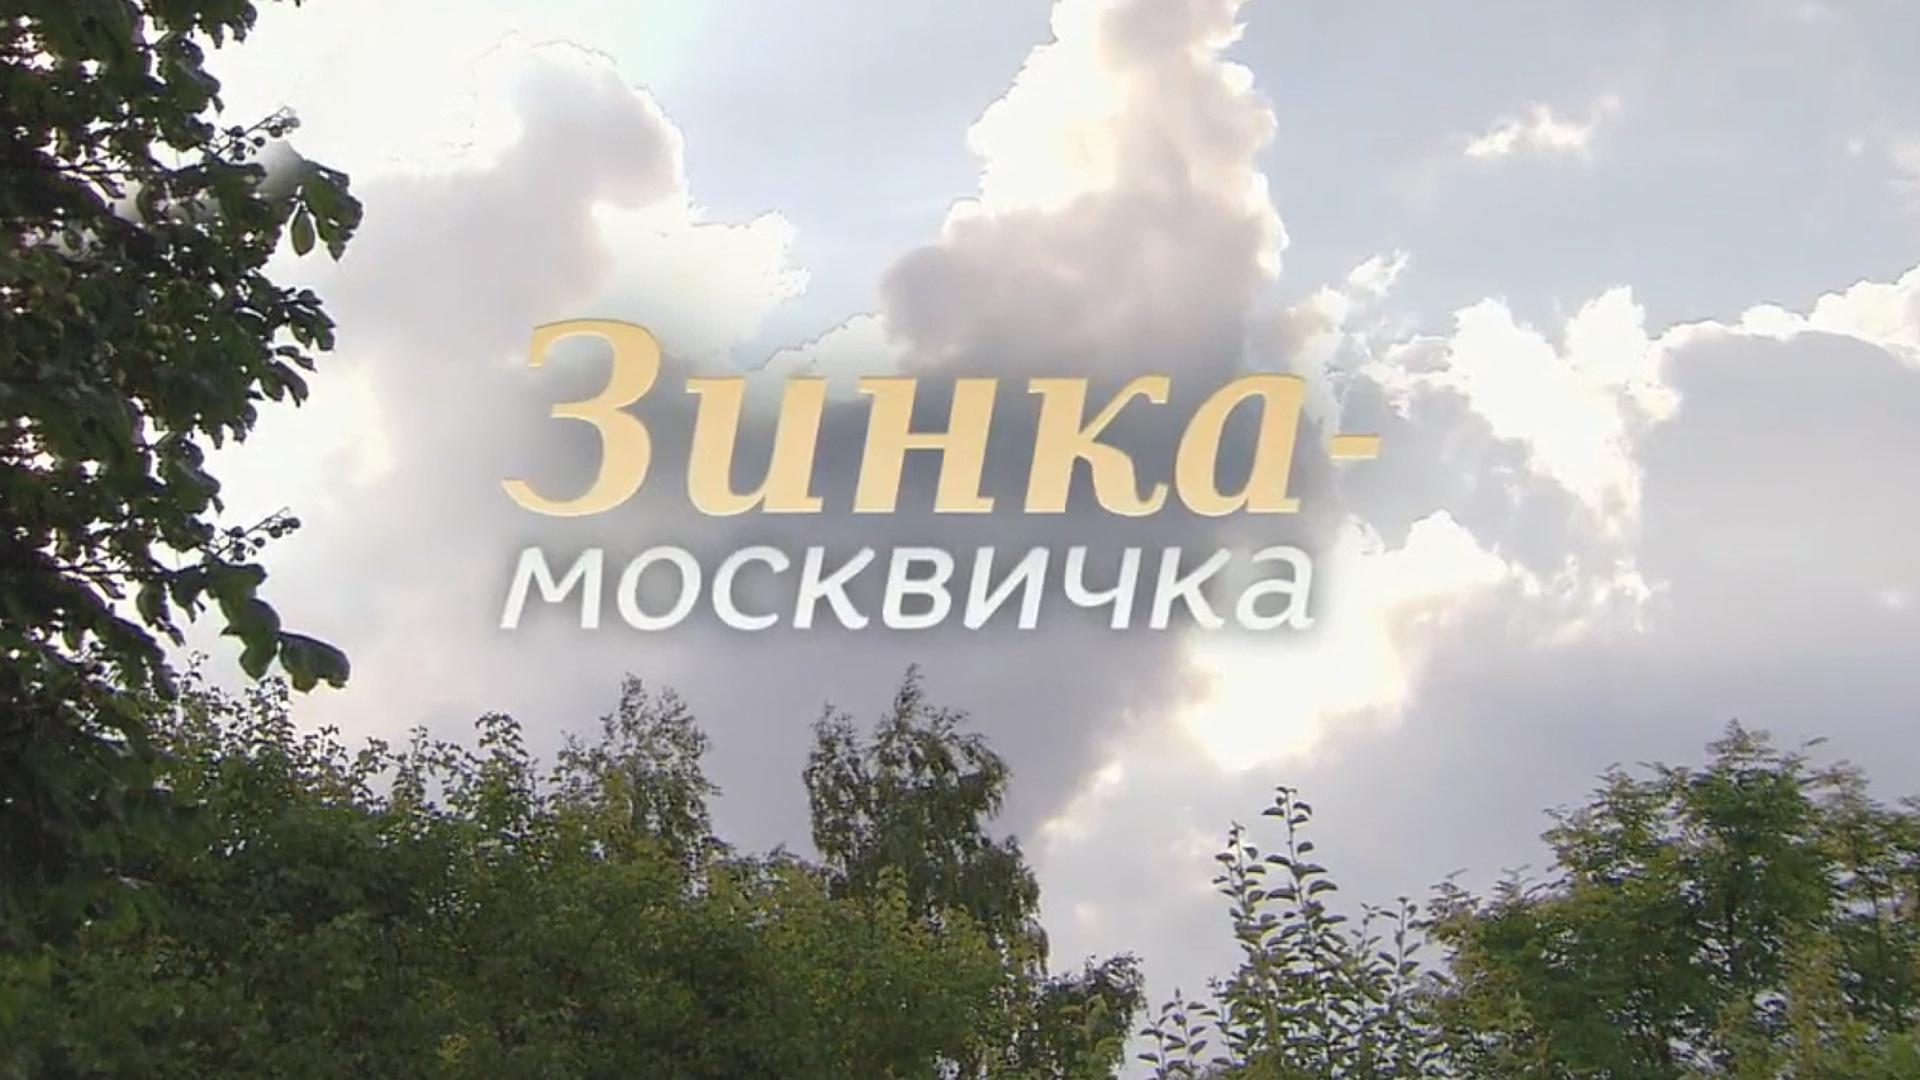 Зинка-москвичка